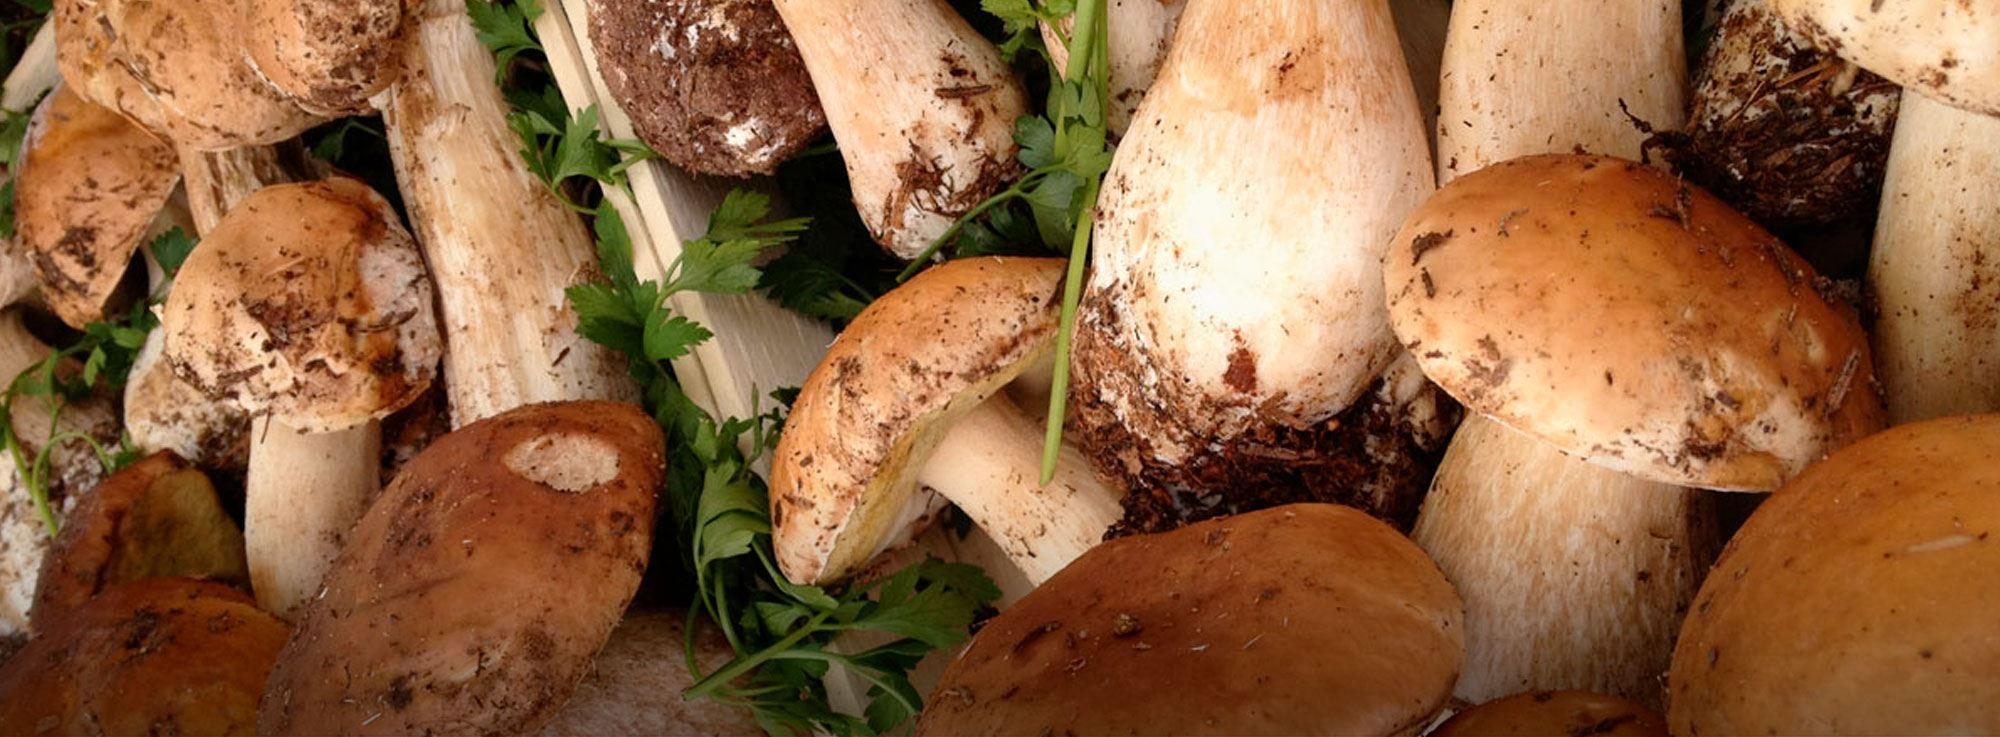 Minervino Murge, Spinazzola, Ruvo di Puglia, Gravina in Puglia e Cassano delle Murge: Sagra del fungo cardoncello